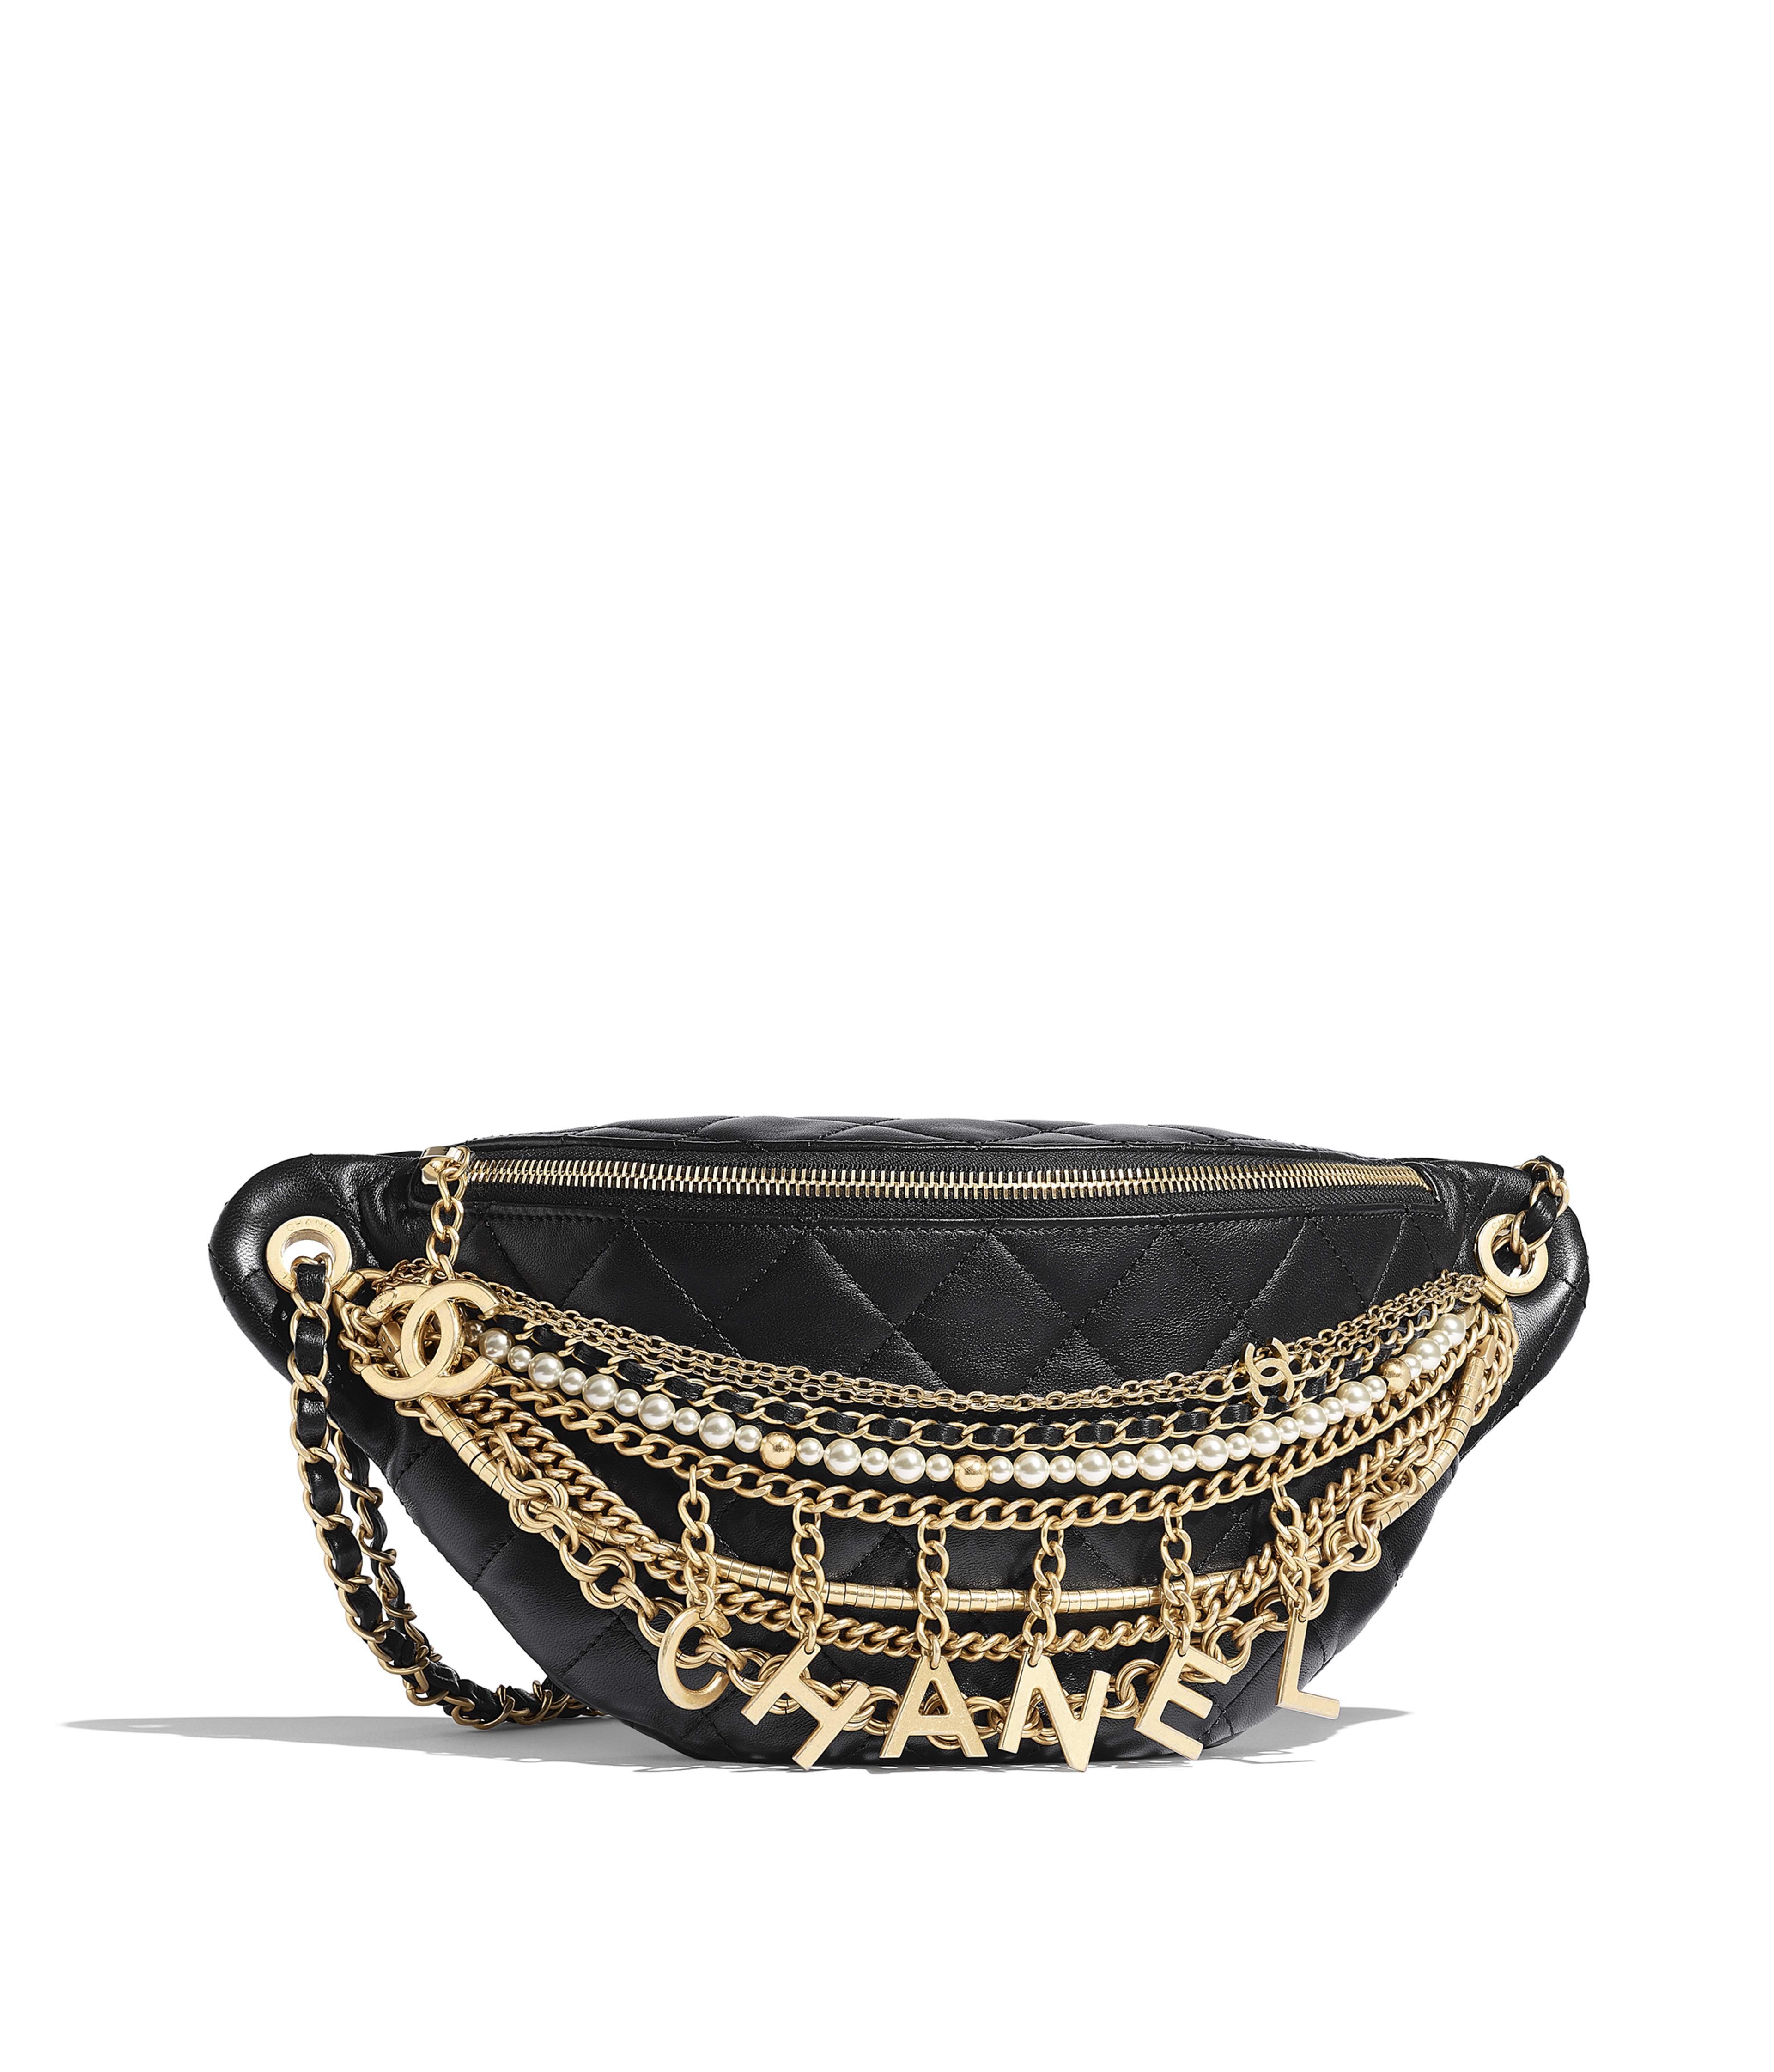 34d3a020247 Waist Bags - Handbags | CHANEL